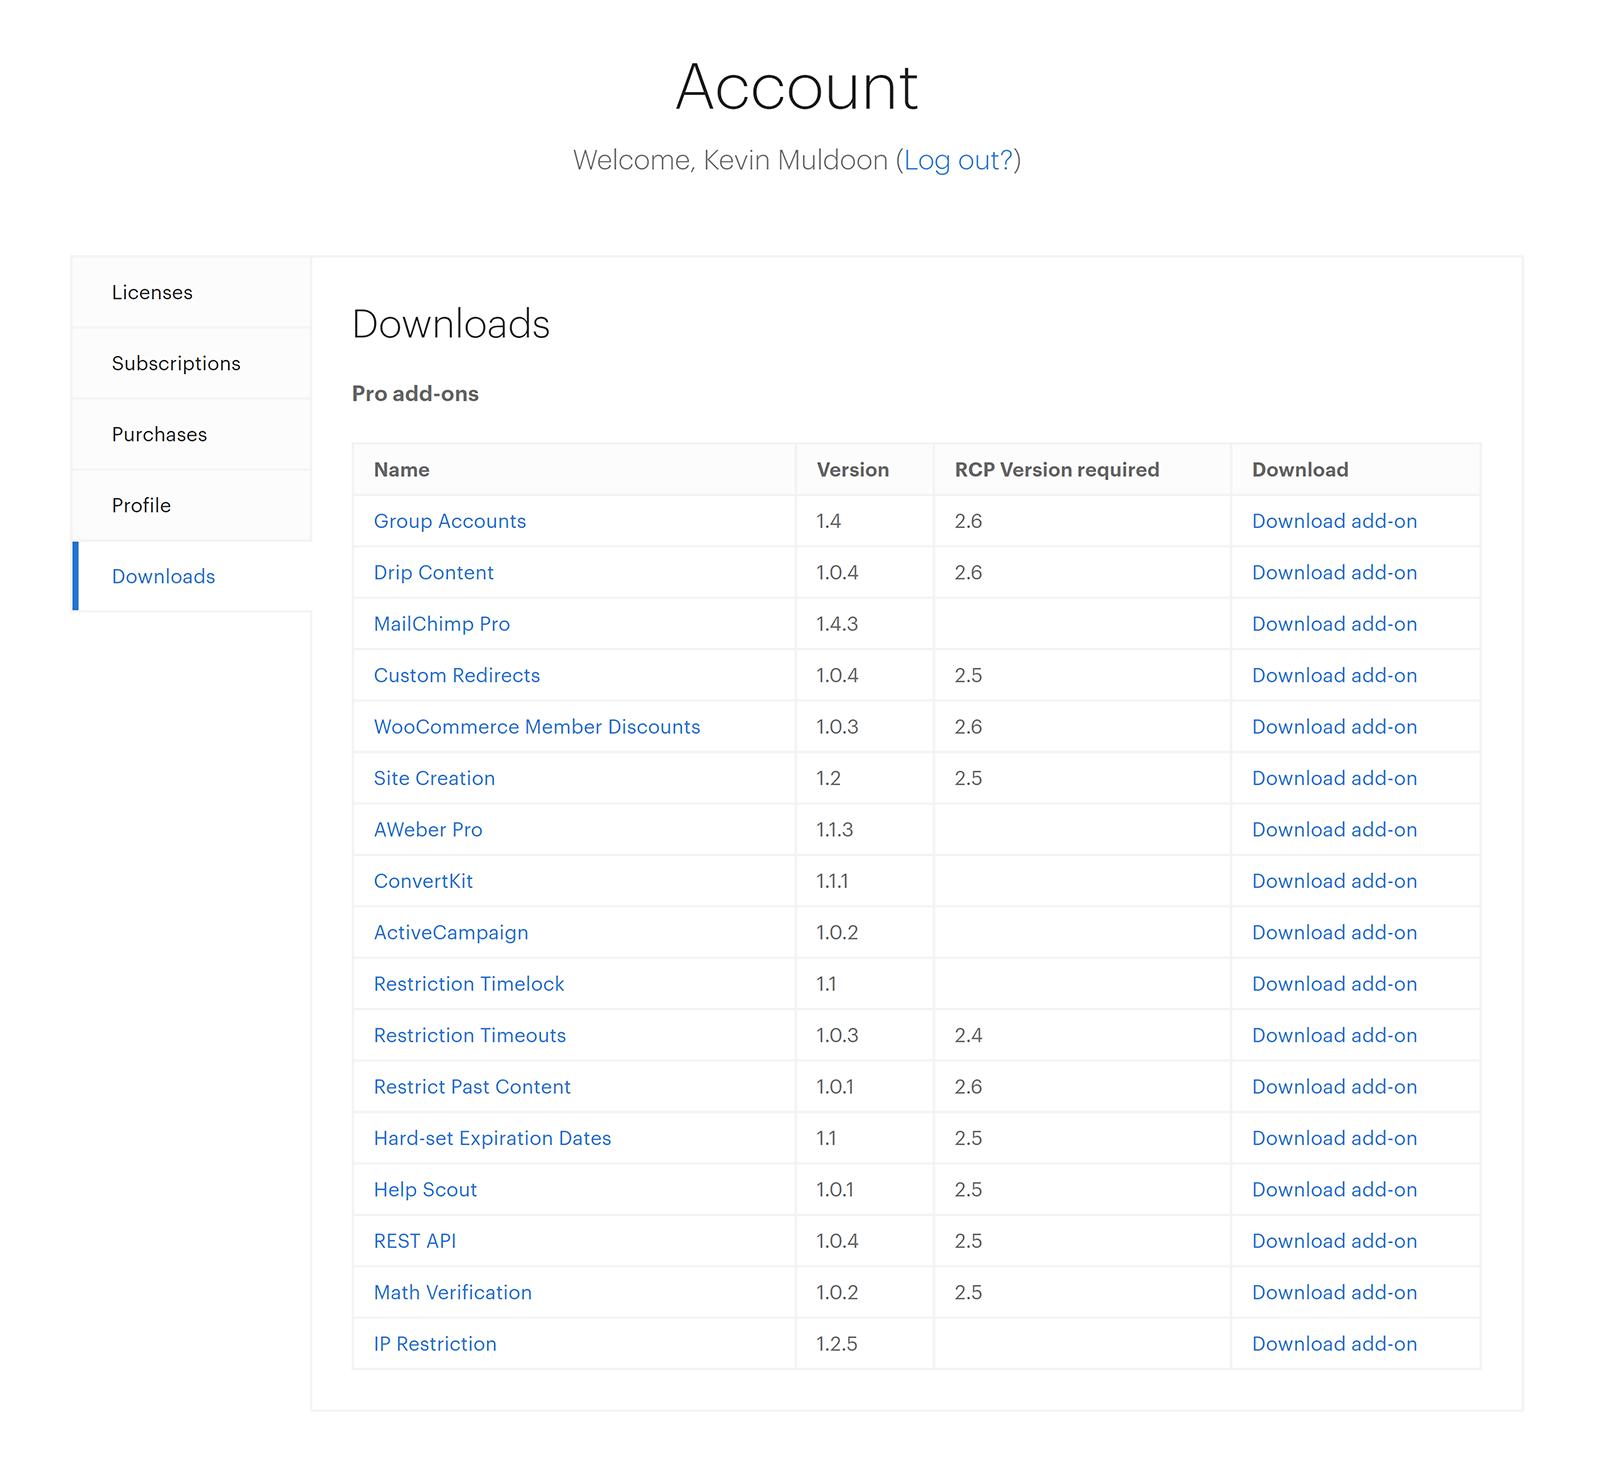 Lista de descargas de complementos profesionales